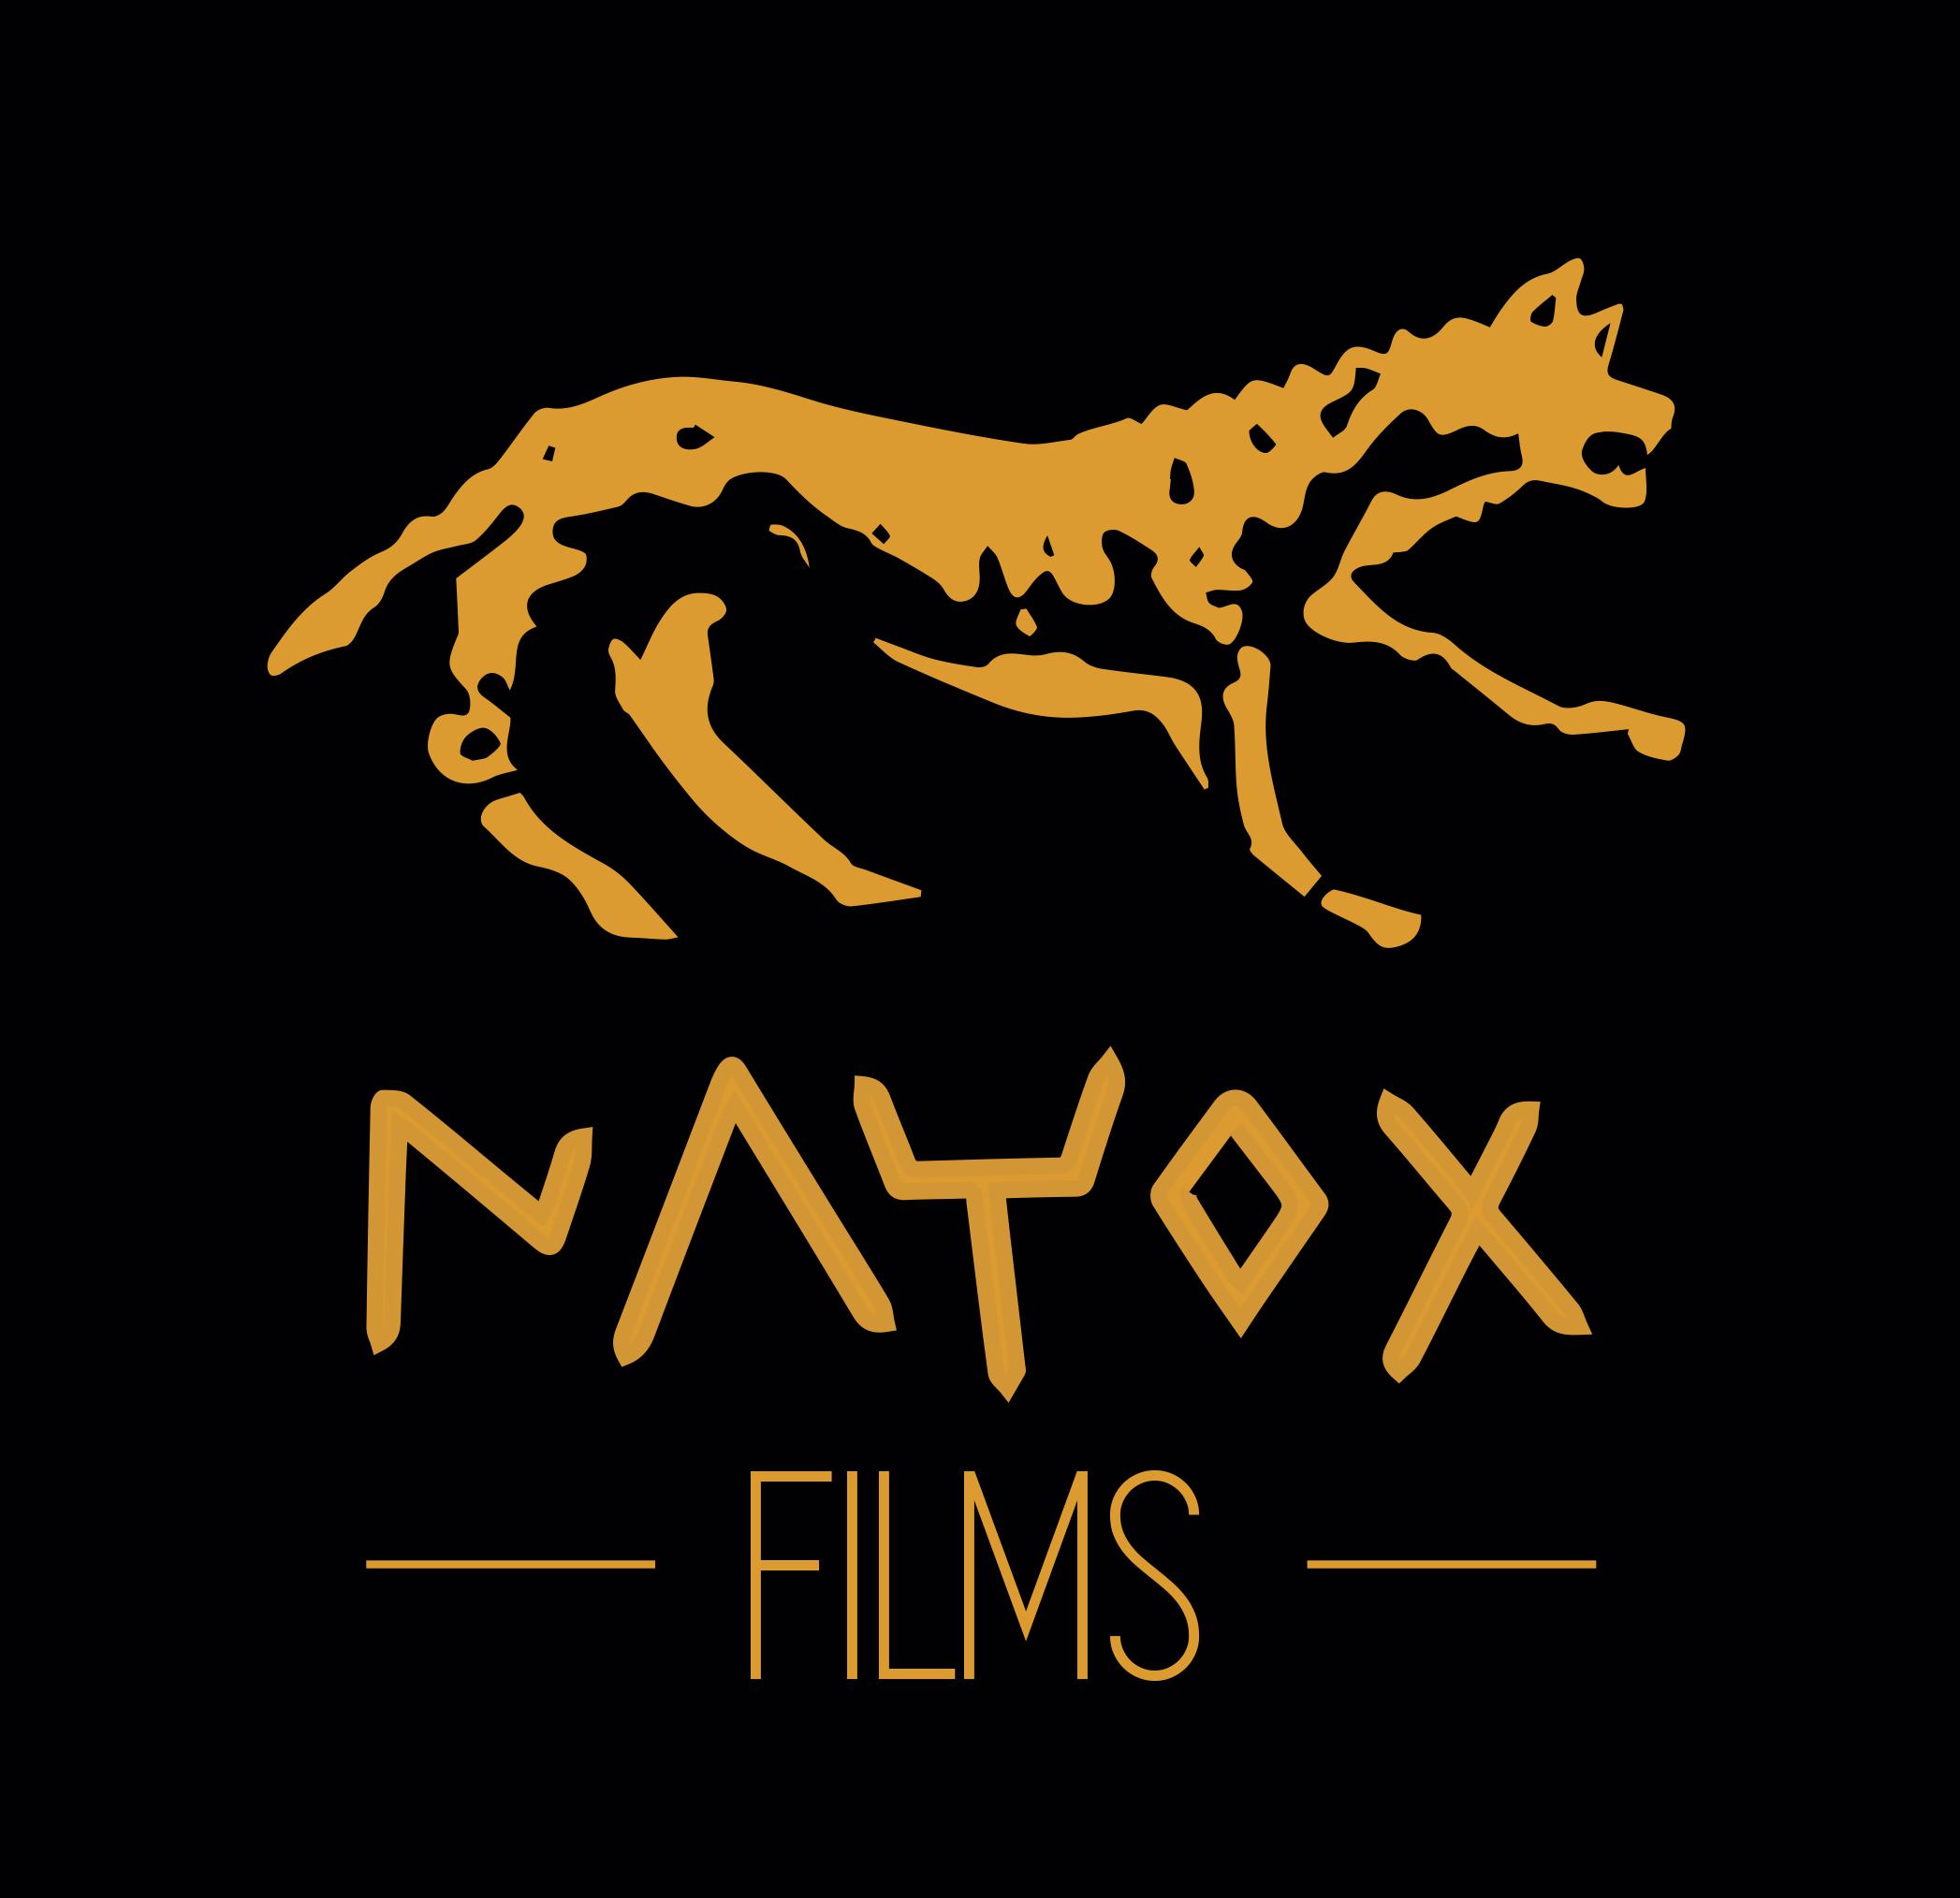 Productora Nayox Films